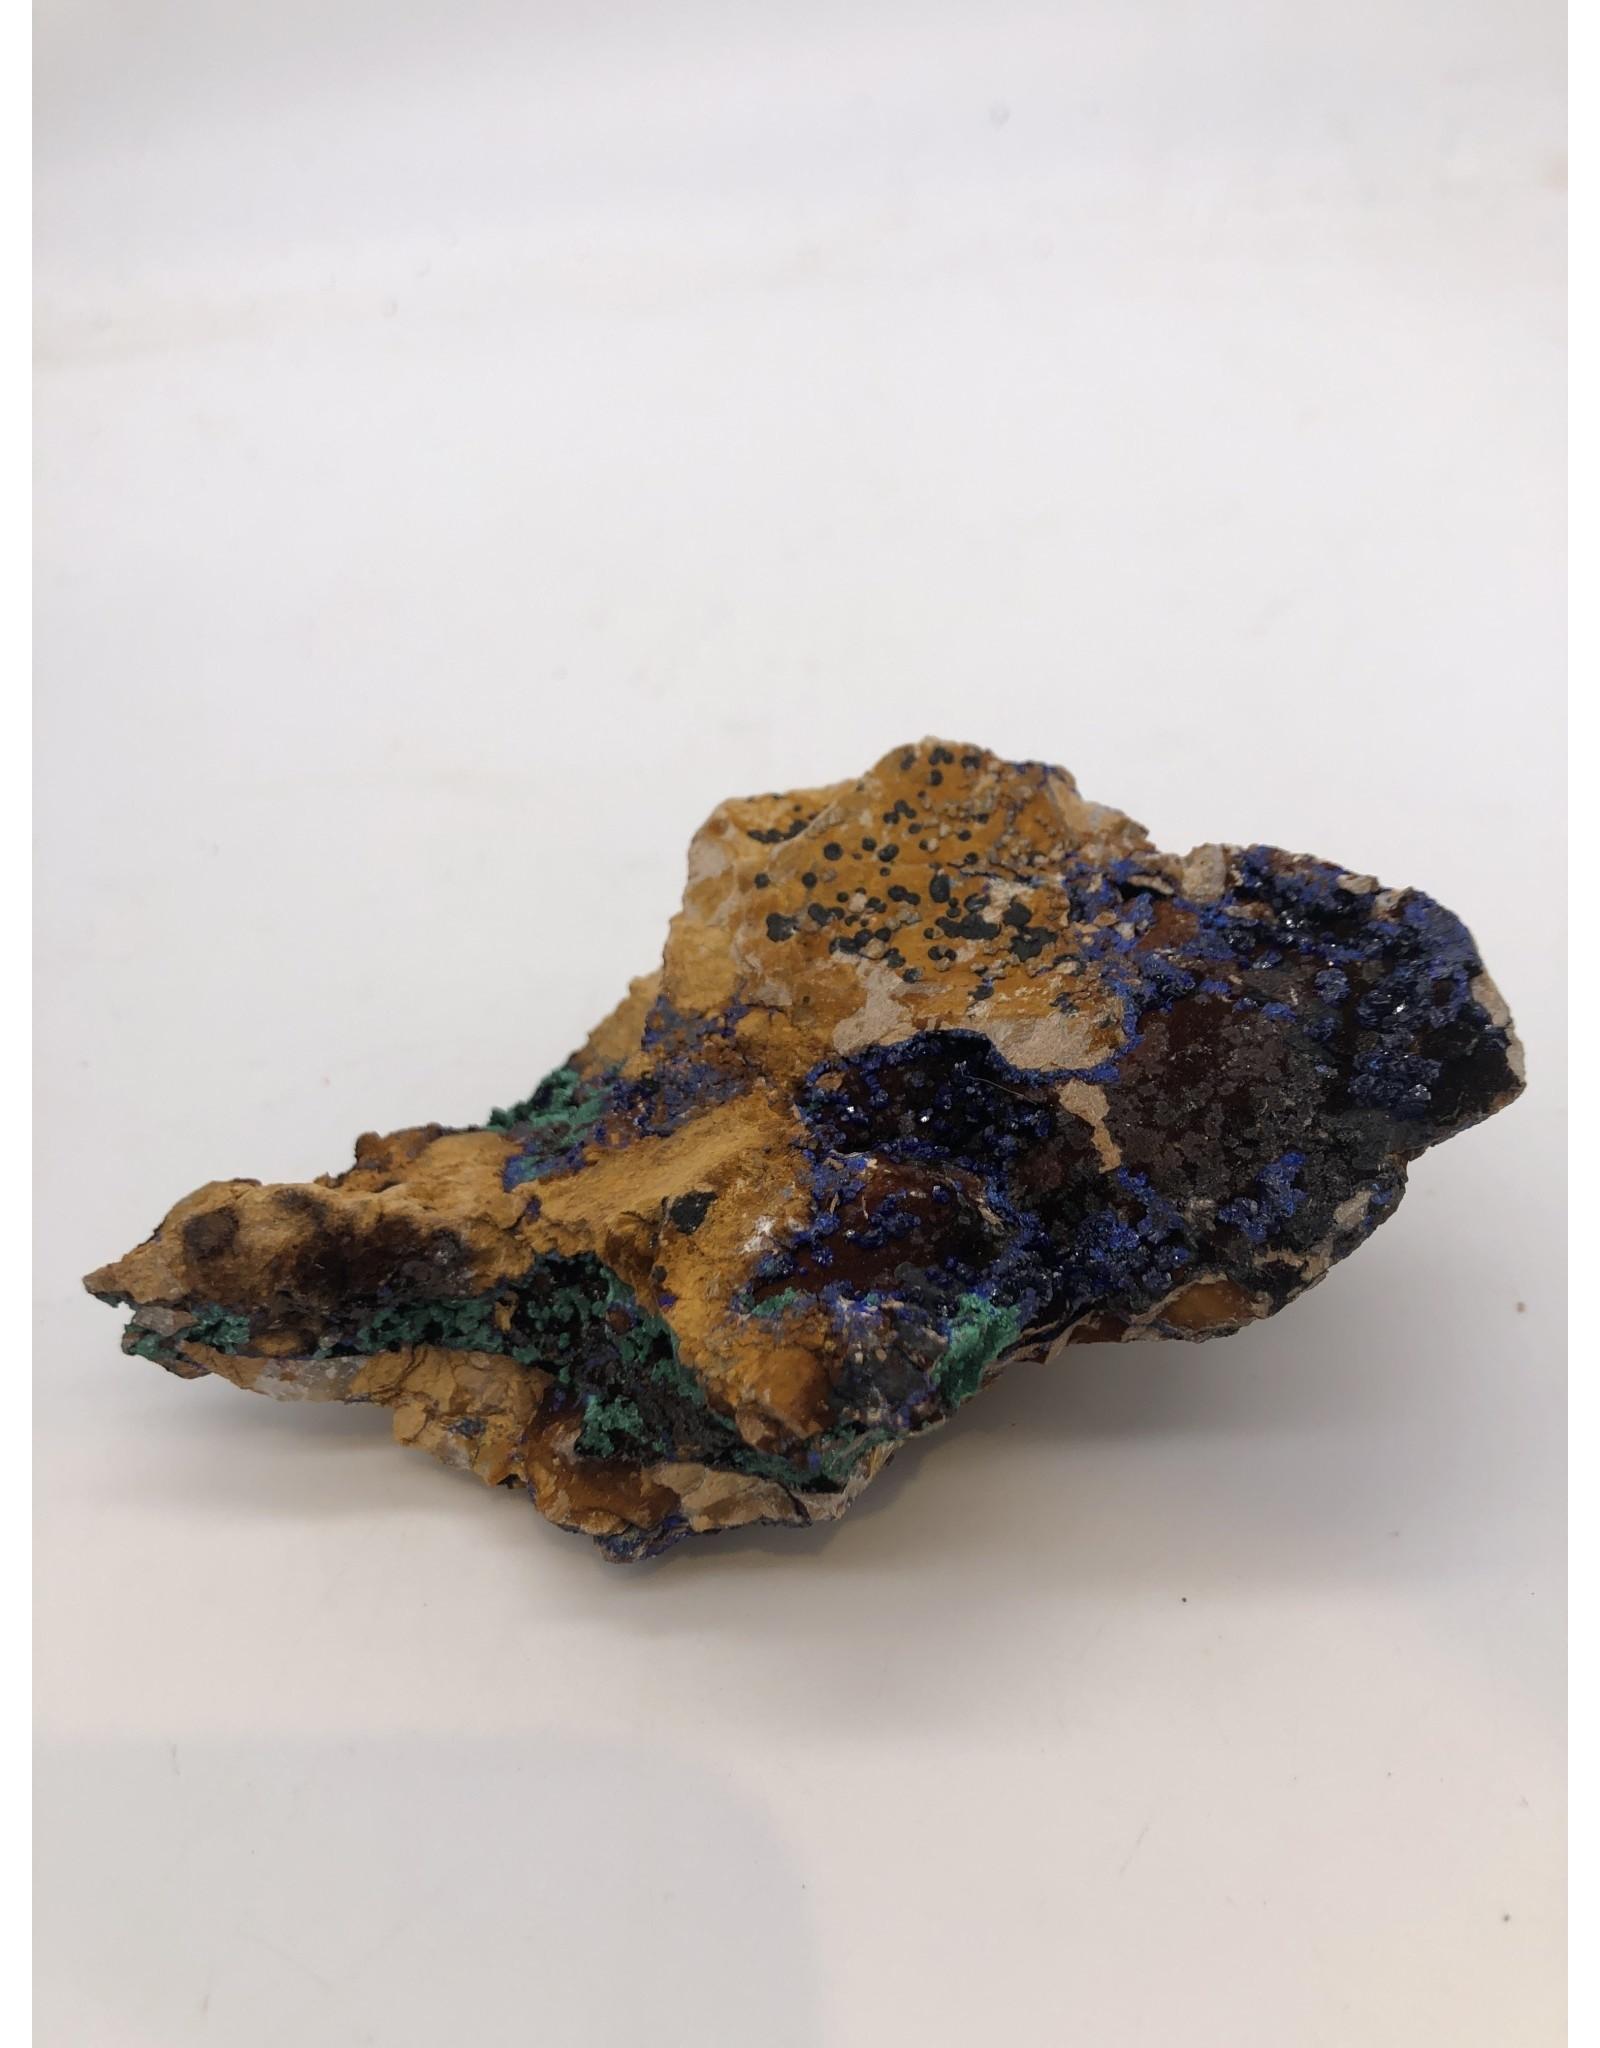 Azurite and Malachite (Morocco)